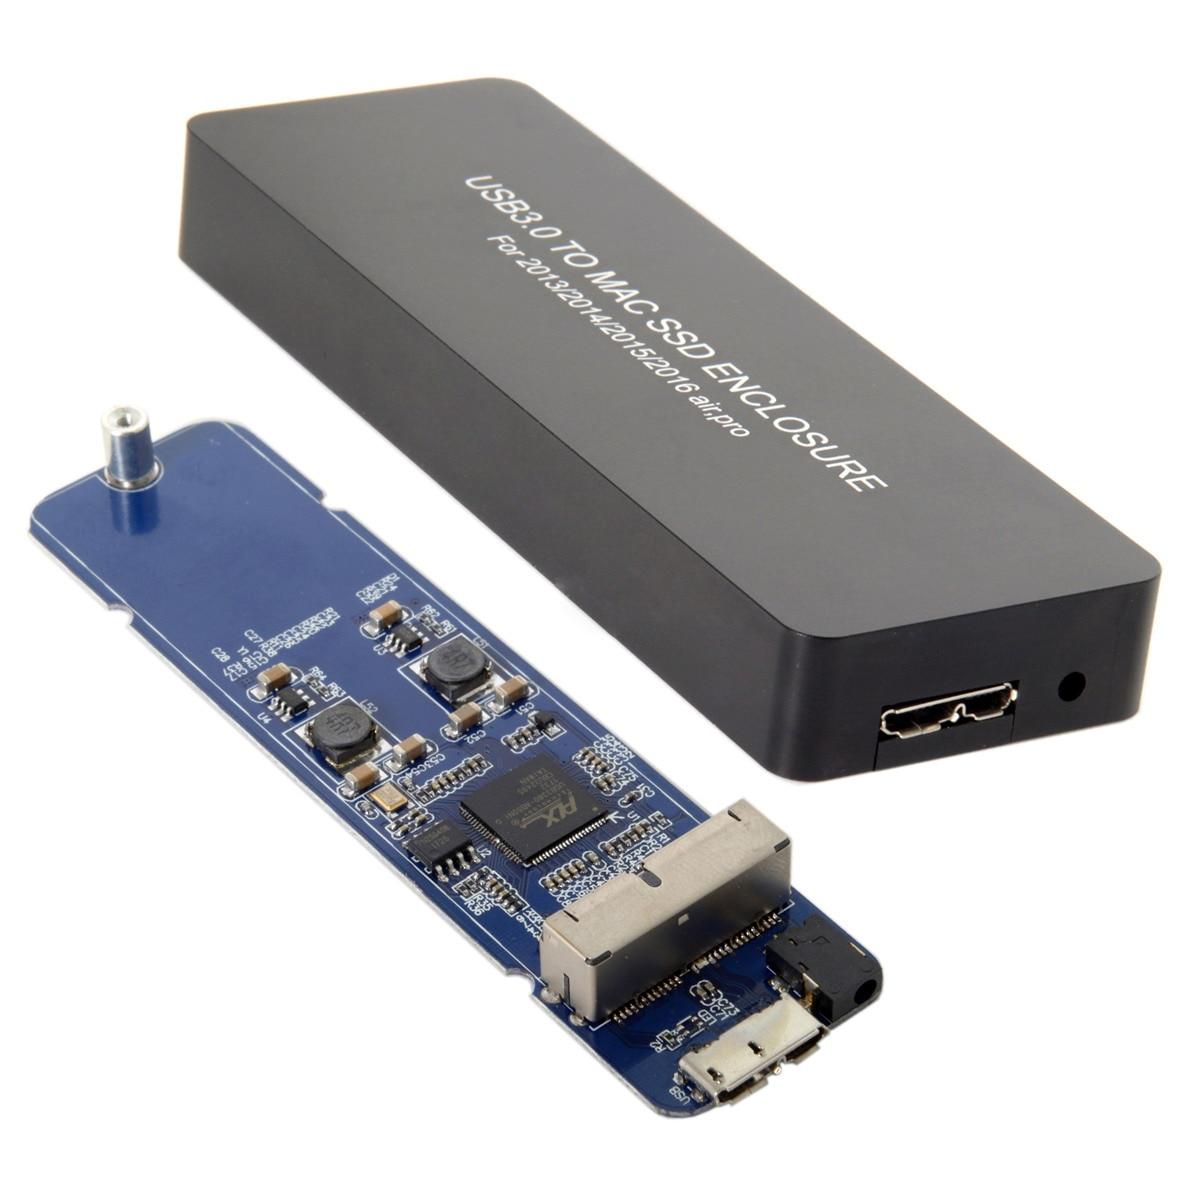 Cablecc CY Mac book Air Pro 2013 2014 2015 2016 SSD boîtier Portable USB 3.0 à 16 + 12 broches boîtier Mobile HDD boîtier câble d'alimentation tournevis